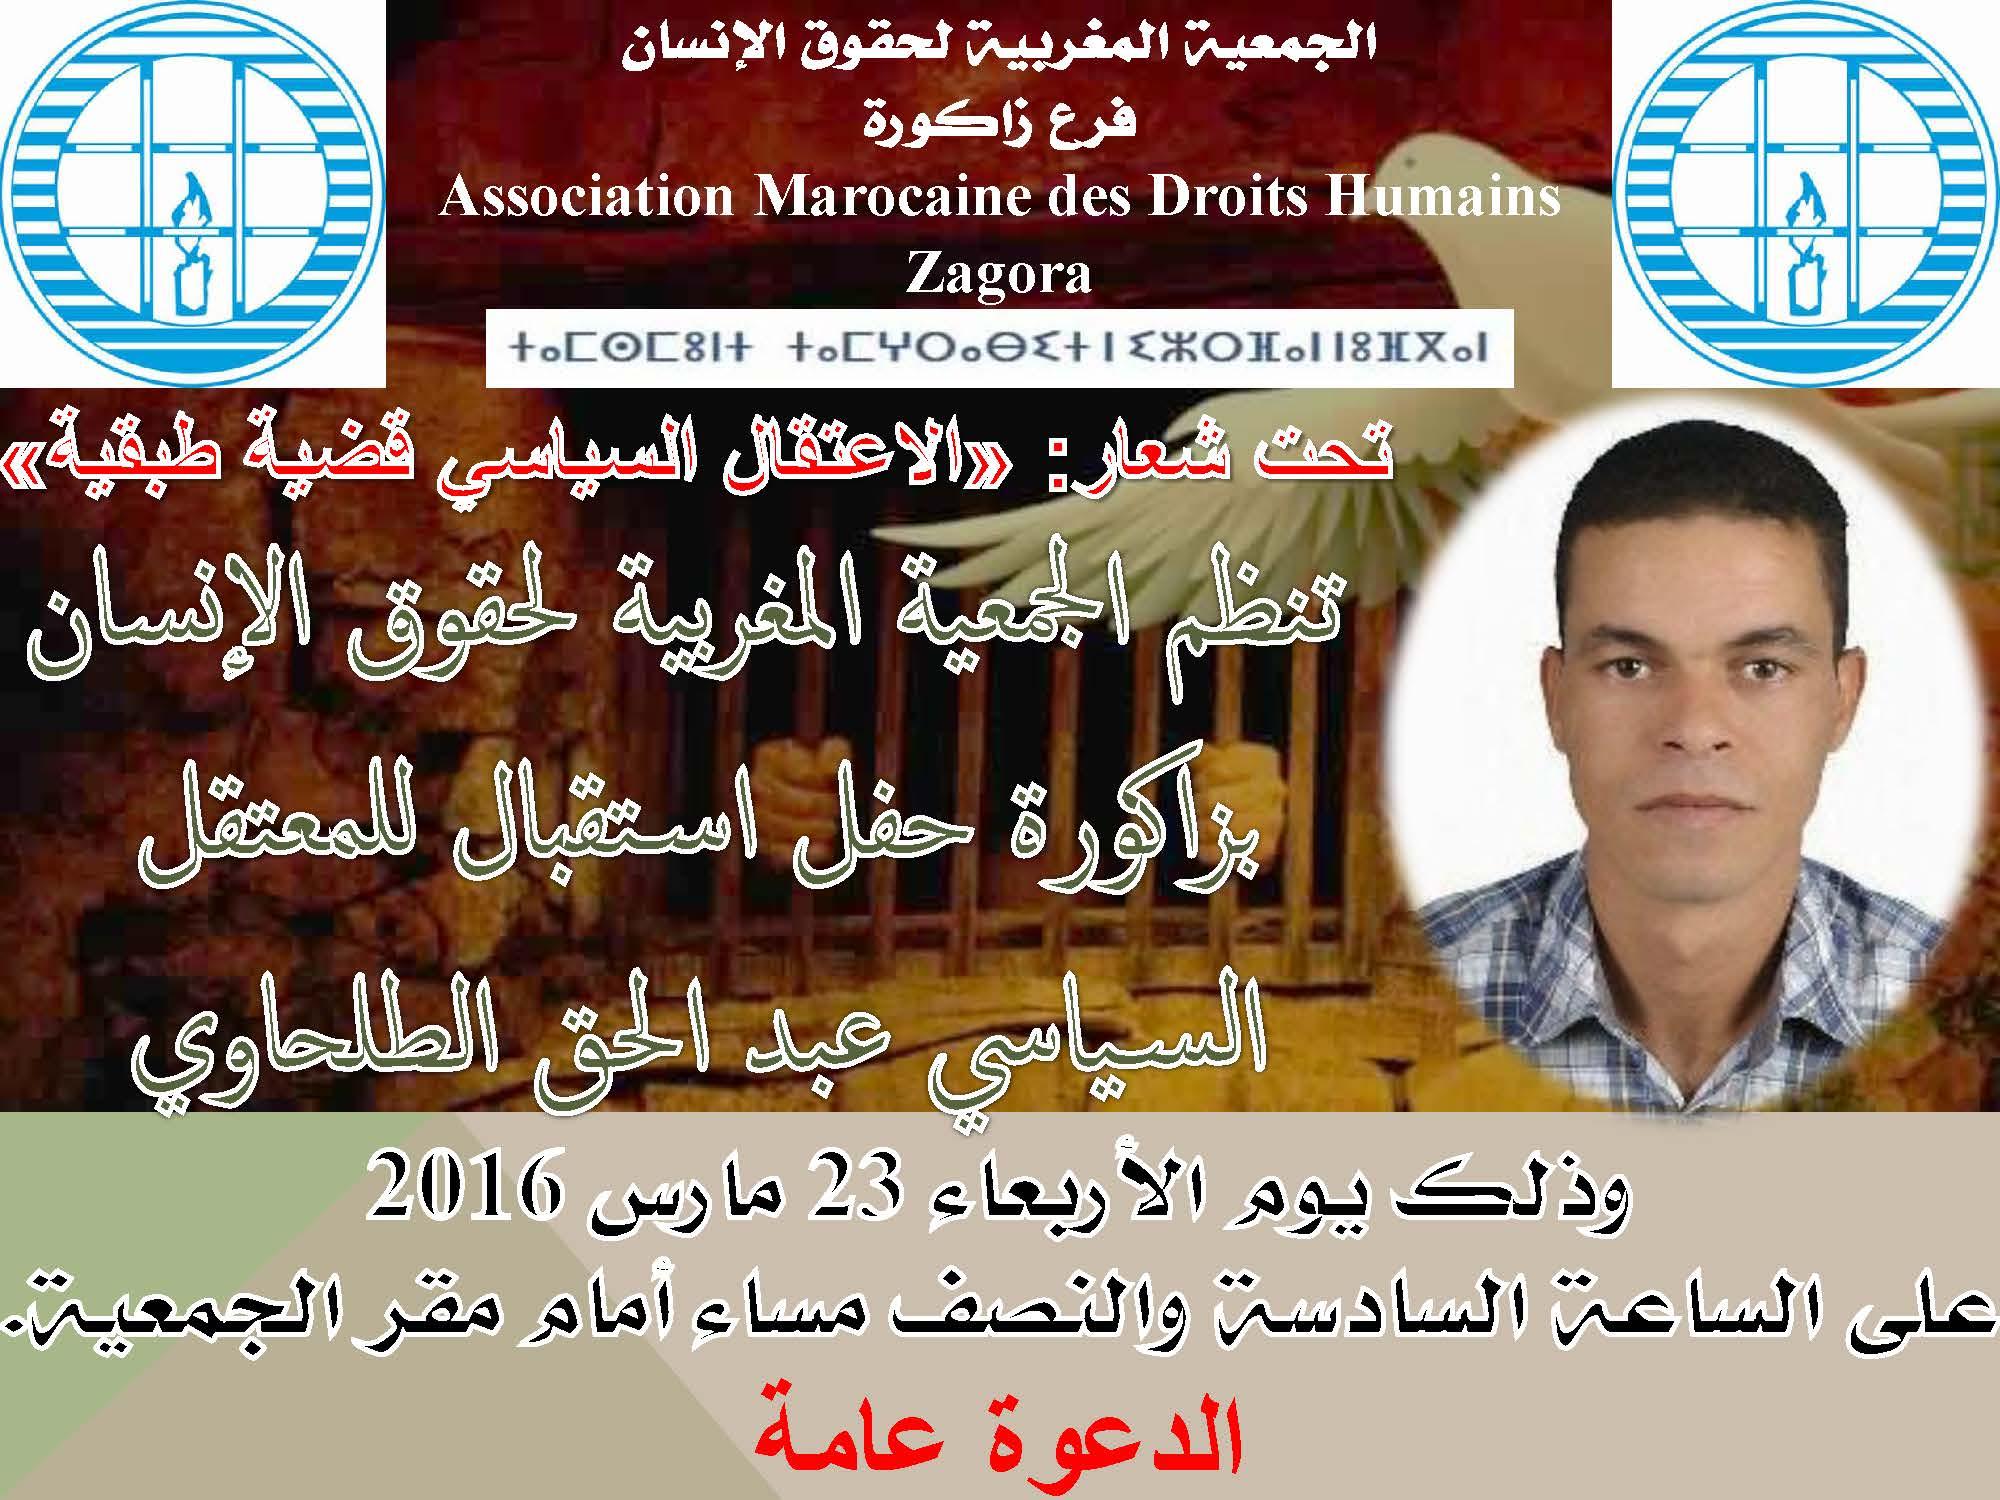 """زاكورة: الـAMDH تنظم حفل إستقبال للمعتقل السياسي """"عبد الحق الطلحاوي"""""""